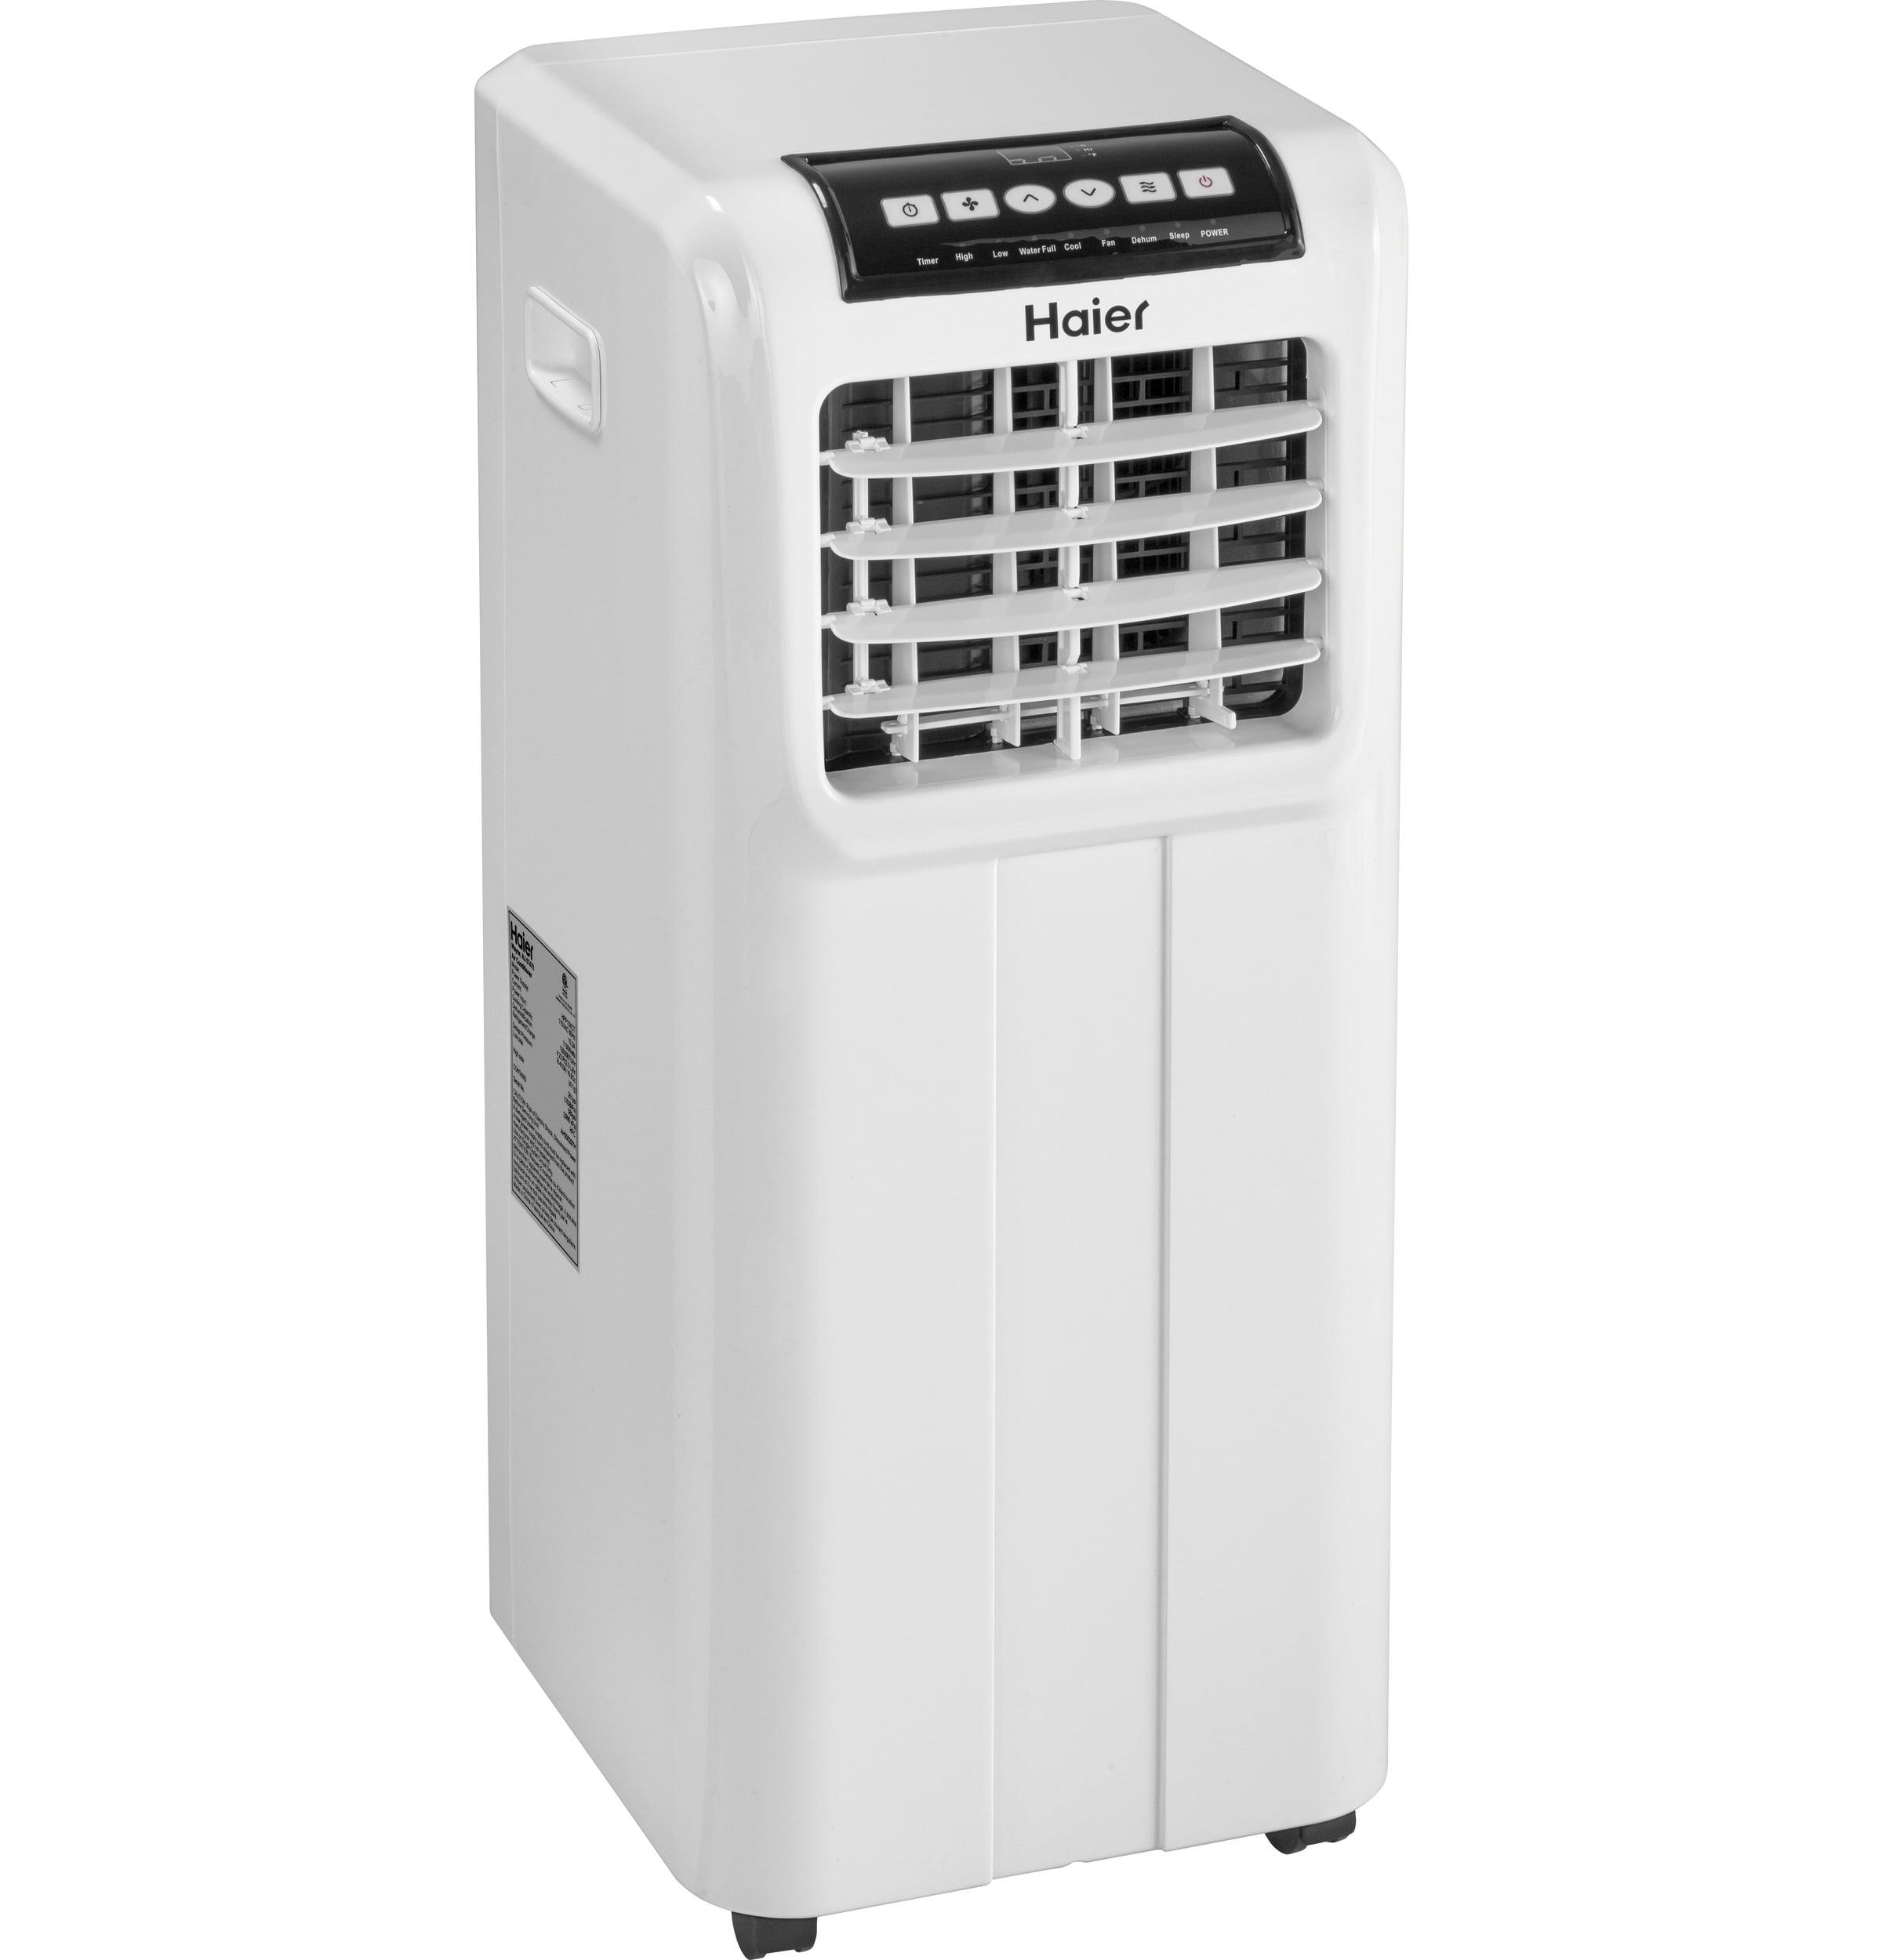 Haier 8,000 BTU Portable Air Conditioner - Walmart com